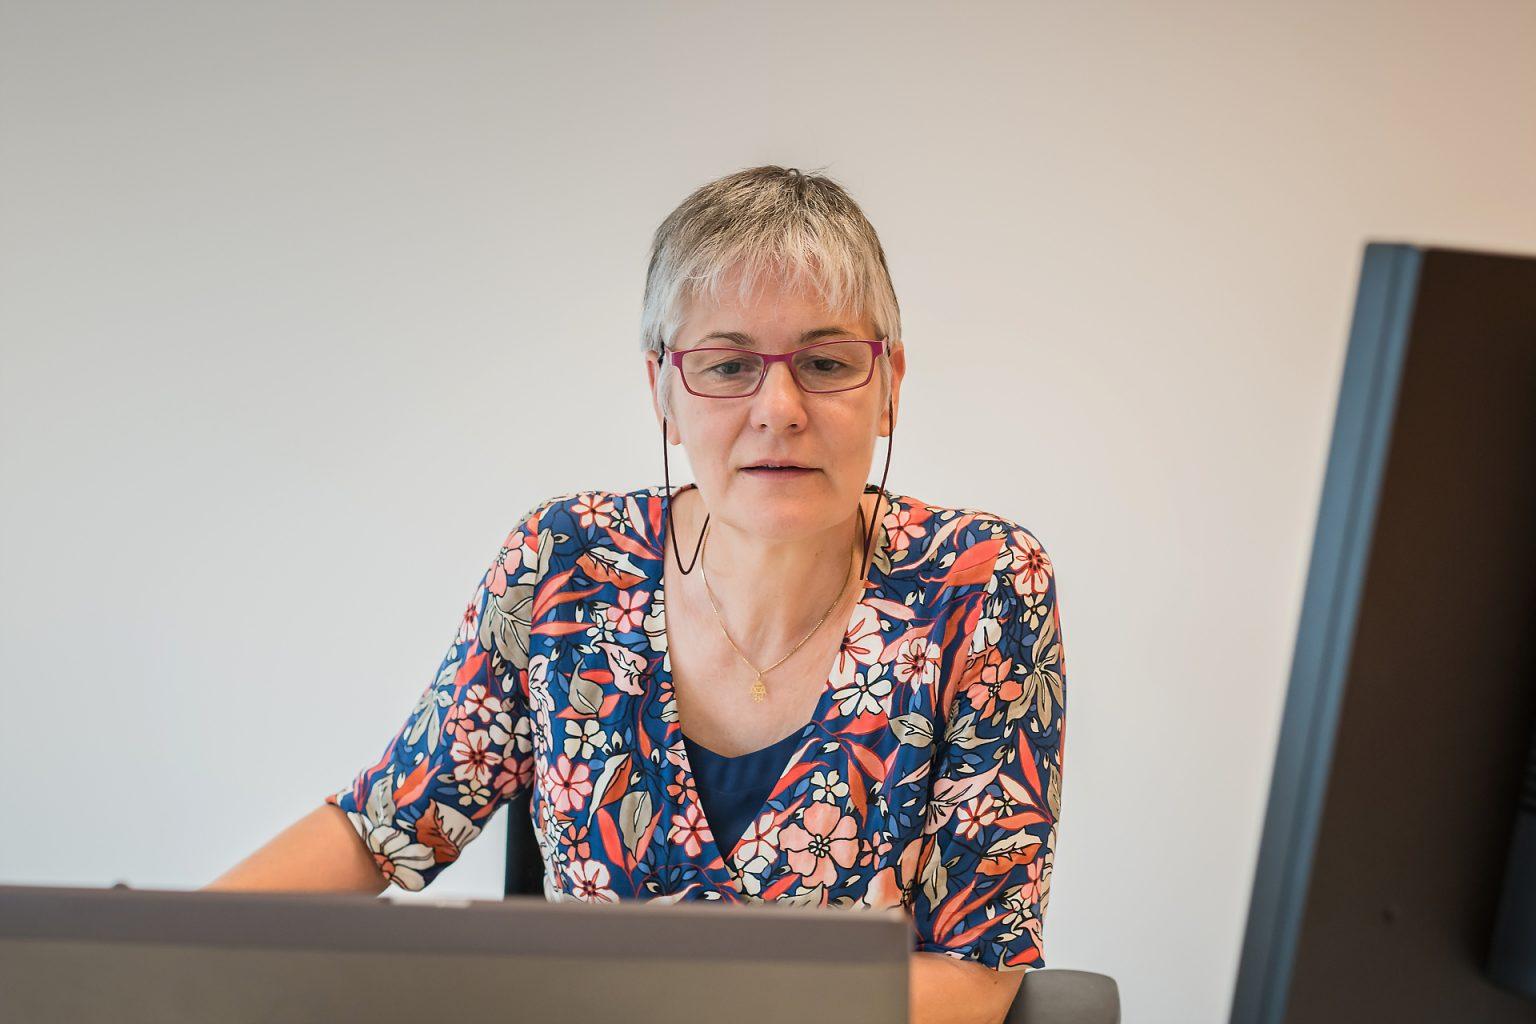 Isabelle Van Regenmoorter au travai, dans les bureaux de Business Assistance